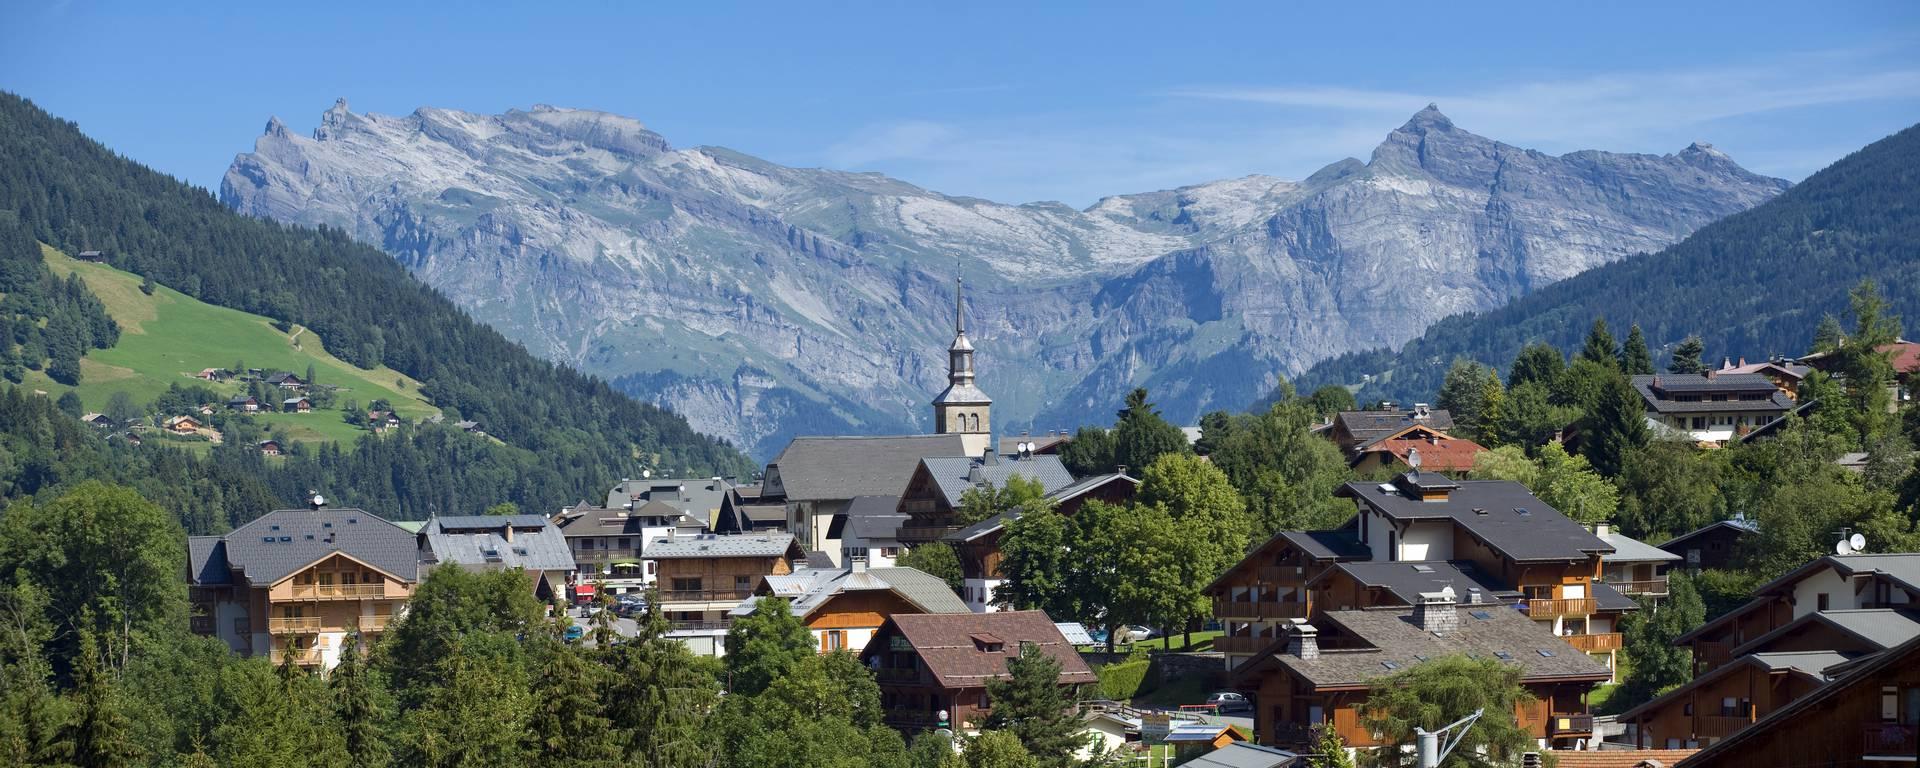 comment venir station de ski des contamines montjoie au coeur du massif du mont blanc. Black Bedroom Furniture Sets. Home Design Ideas